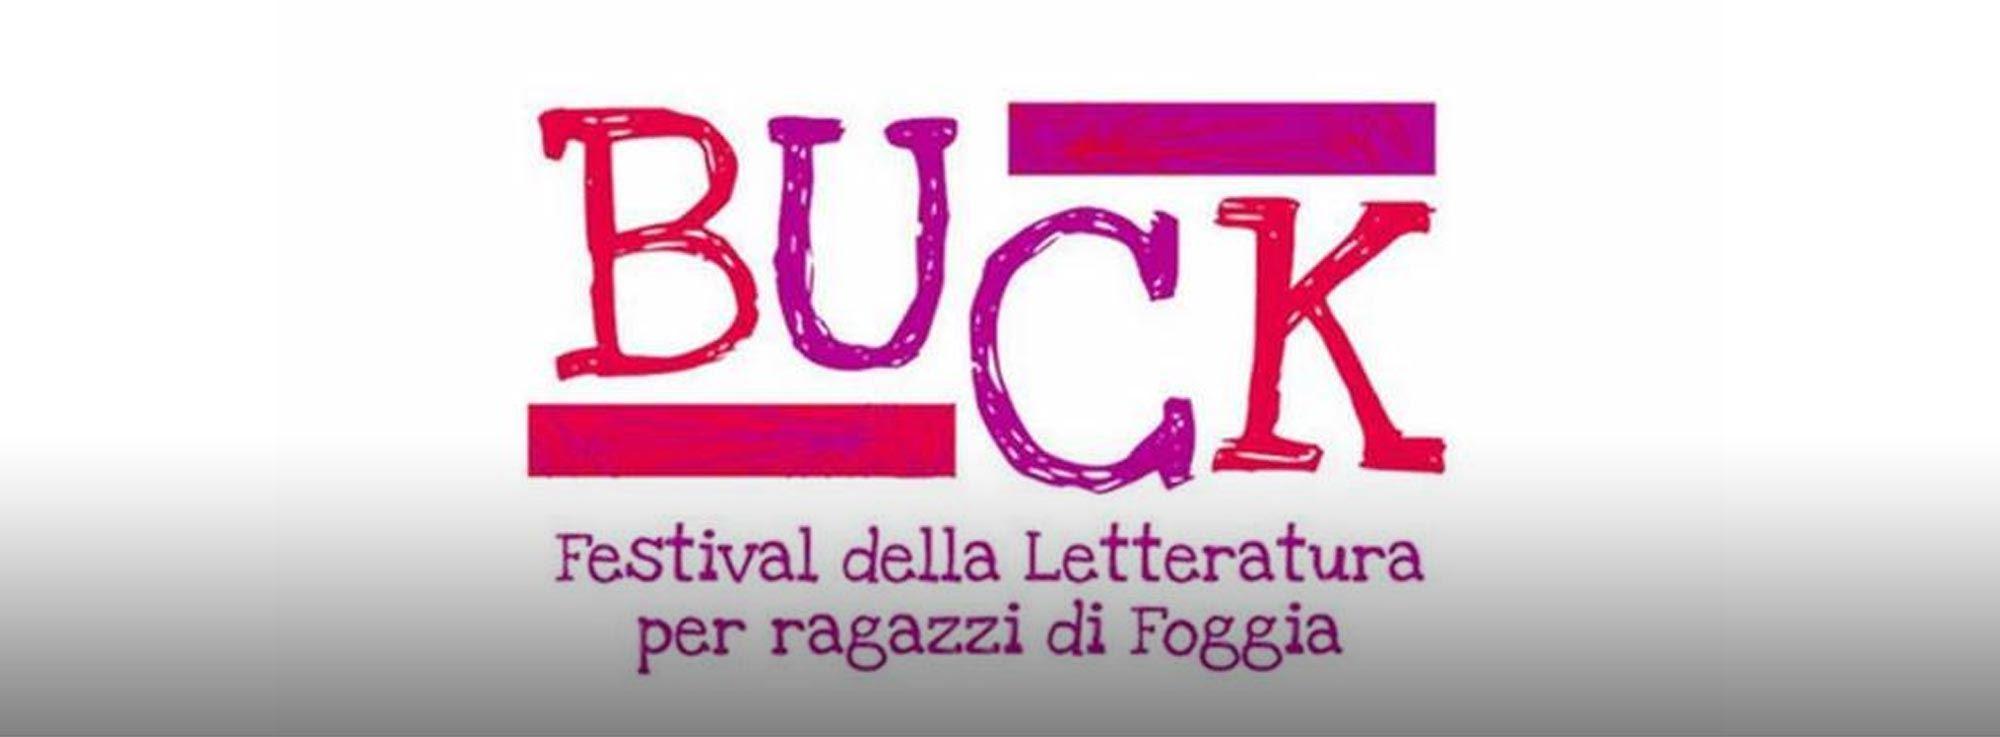 Foggia: Buck Festival